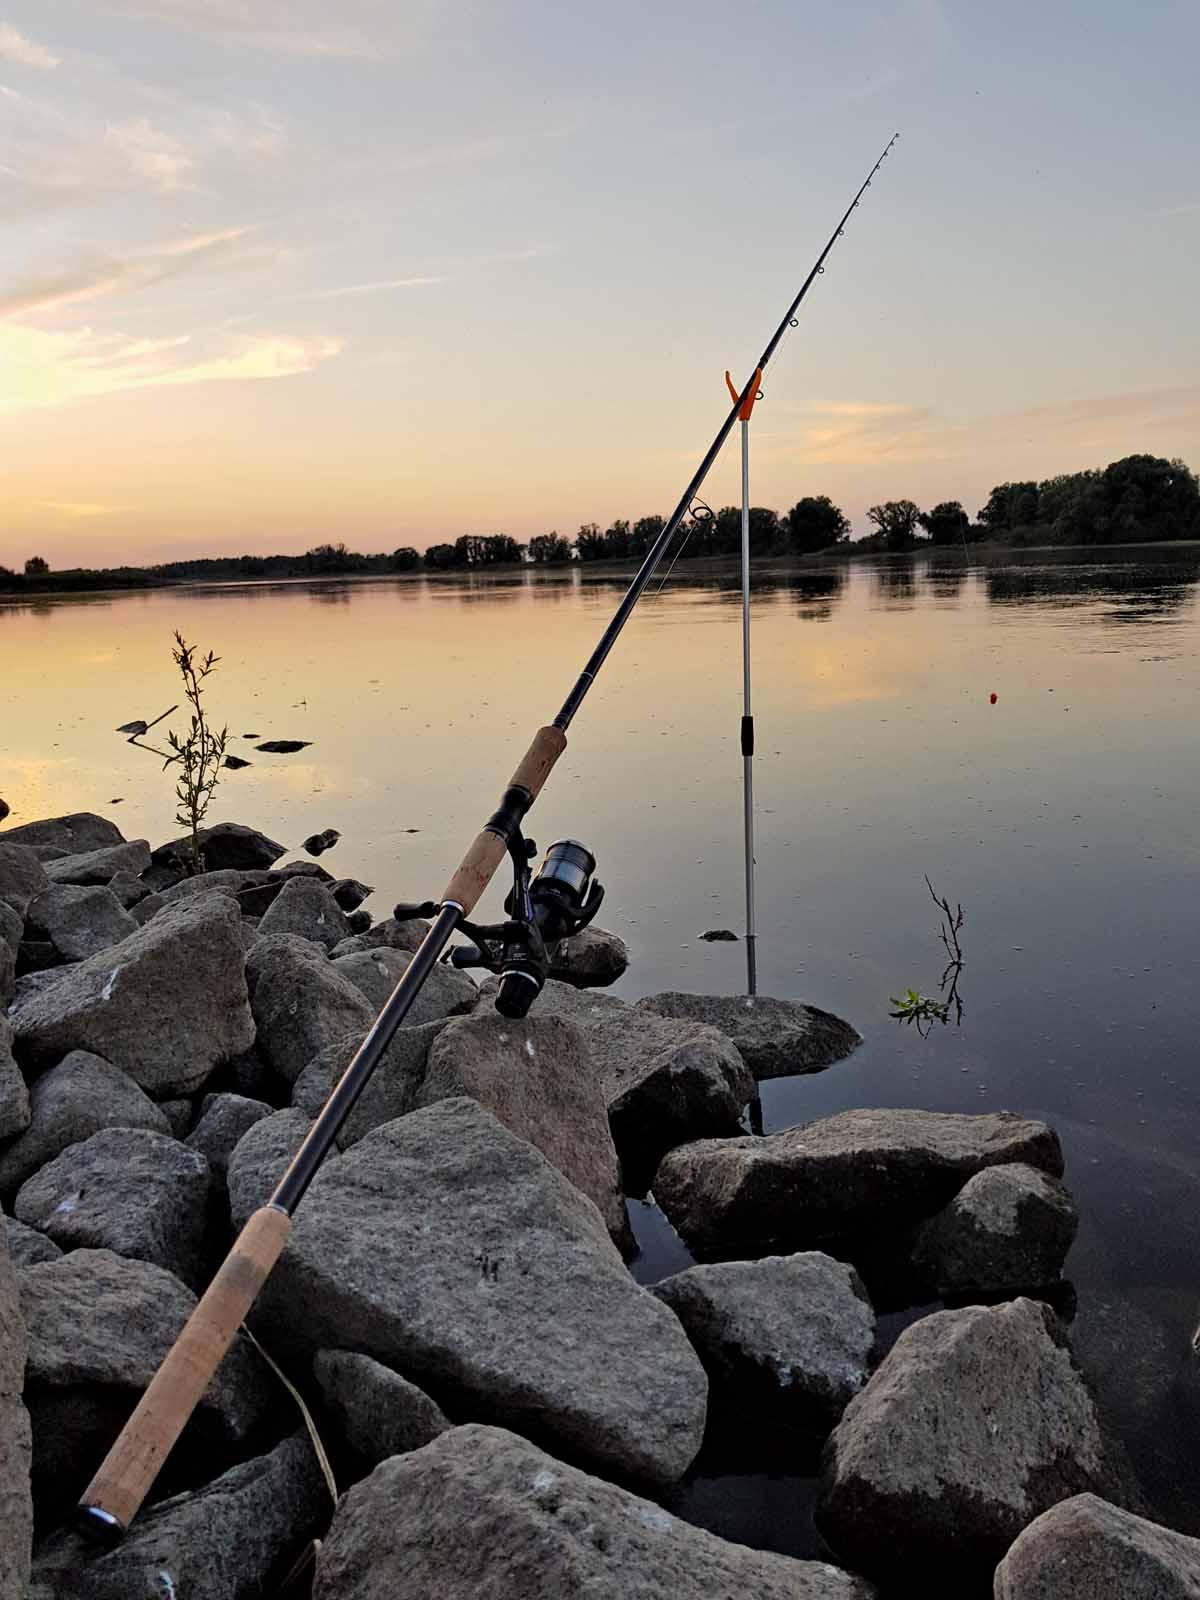 Eine ordentliche Naturköderrute zum Zanderfischen sollte etwa 3,50Meter lang sein und zwischen 20 und 80Gramm Wurfgewicht haben, je nach Gewässertiefe oder Strömung.